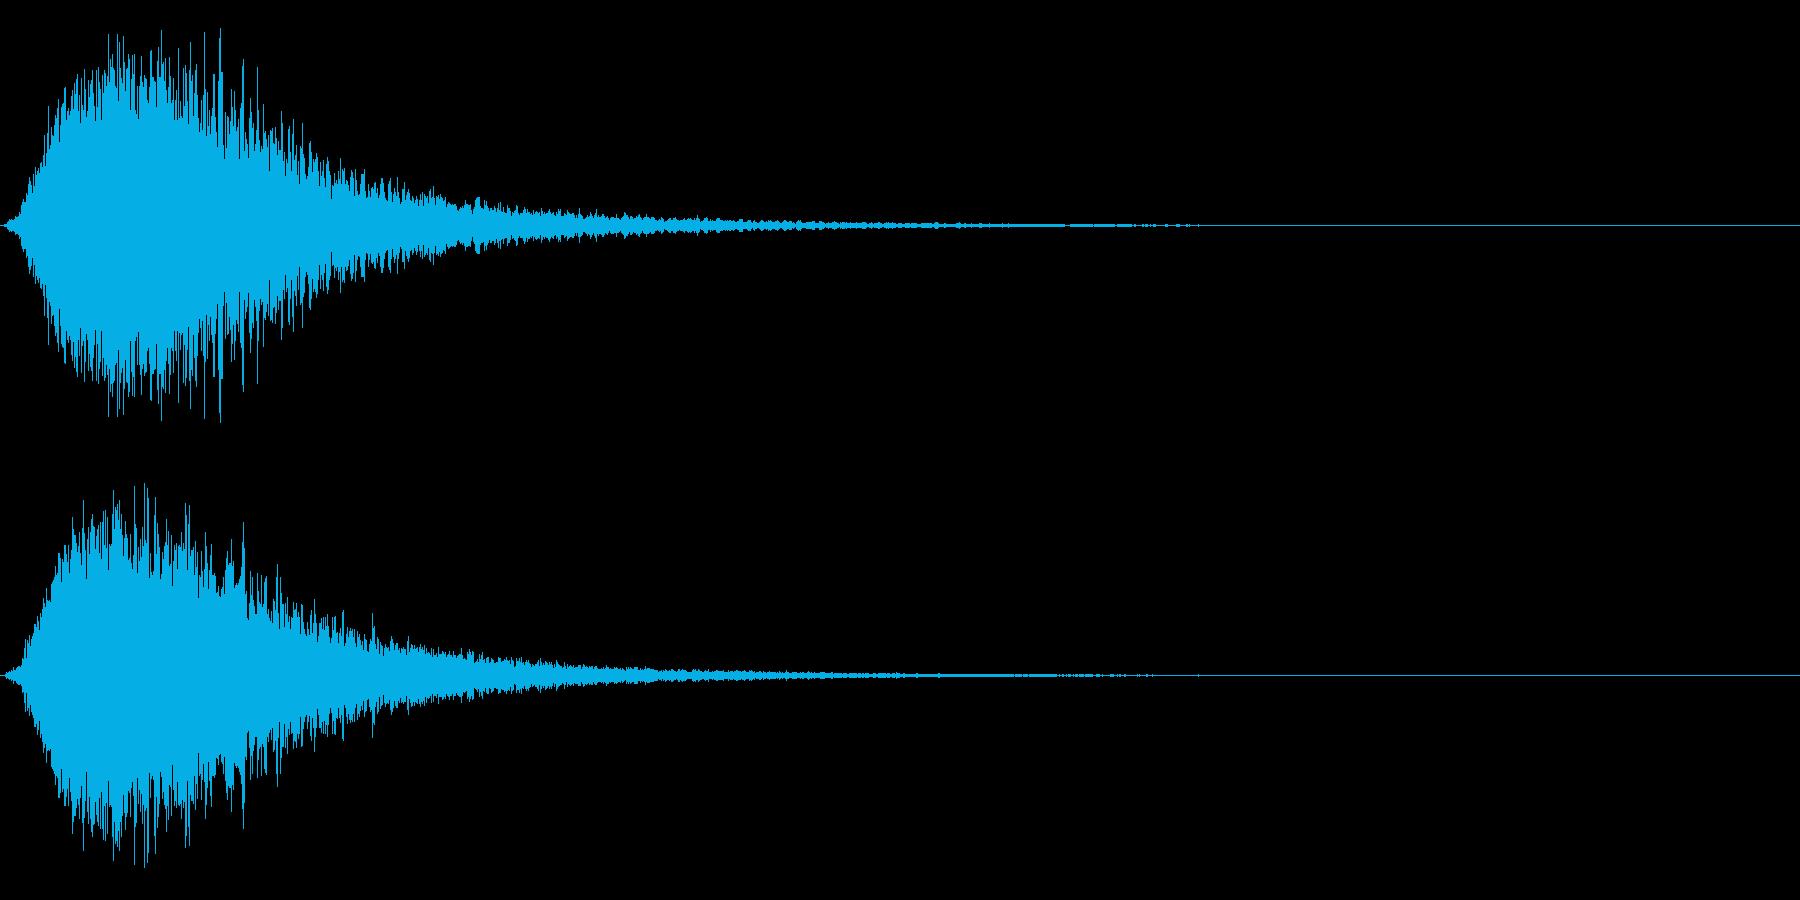 キラン☆キラーン/派手なインパクト3CVの再生済みの波形